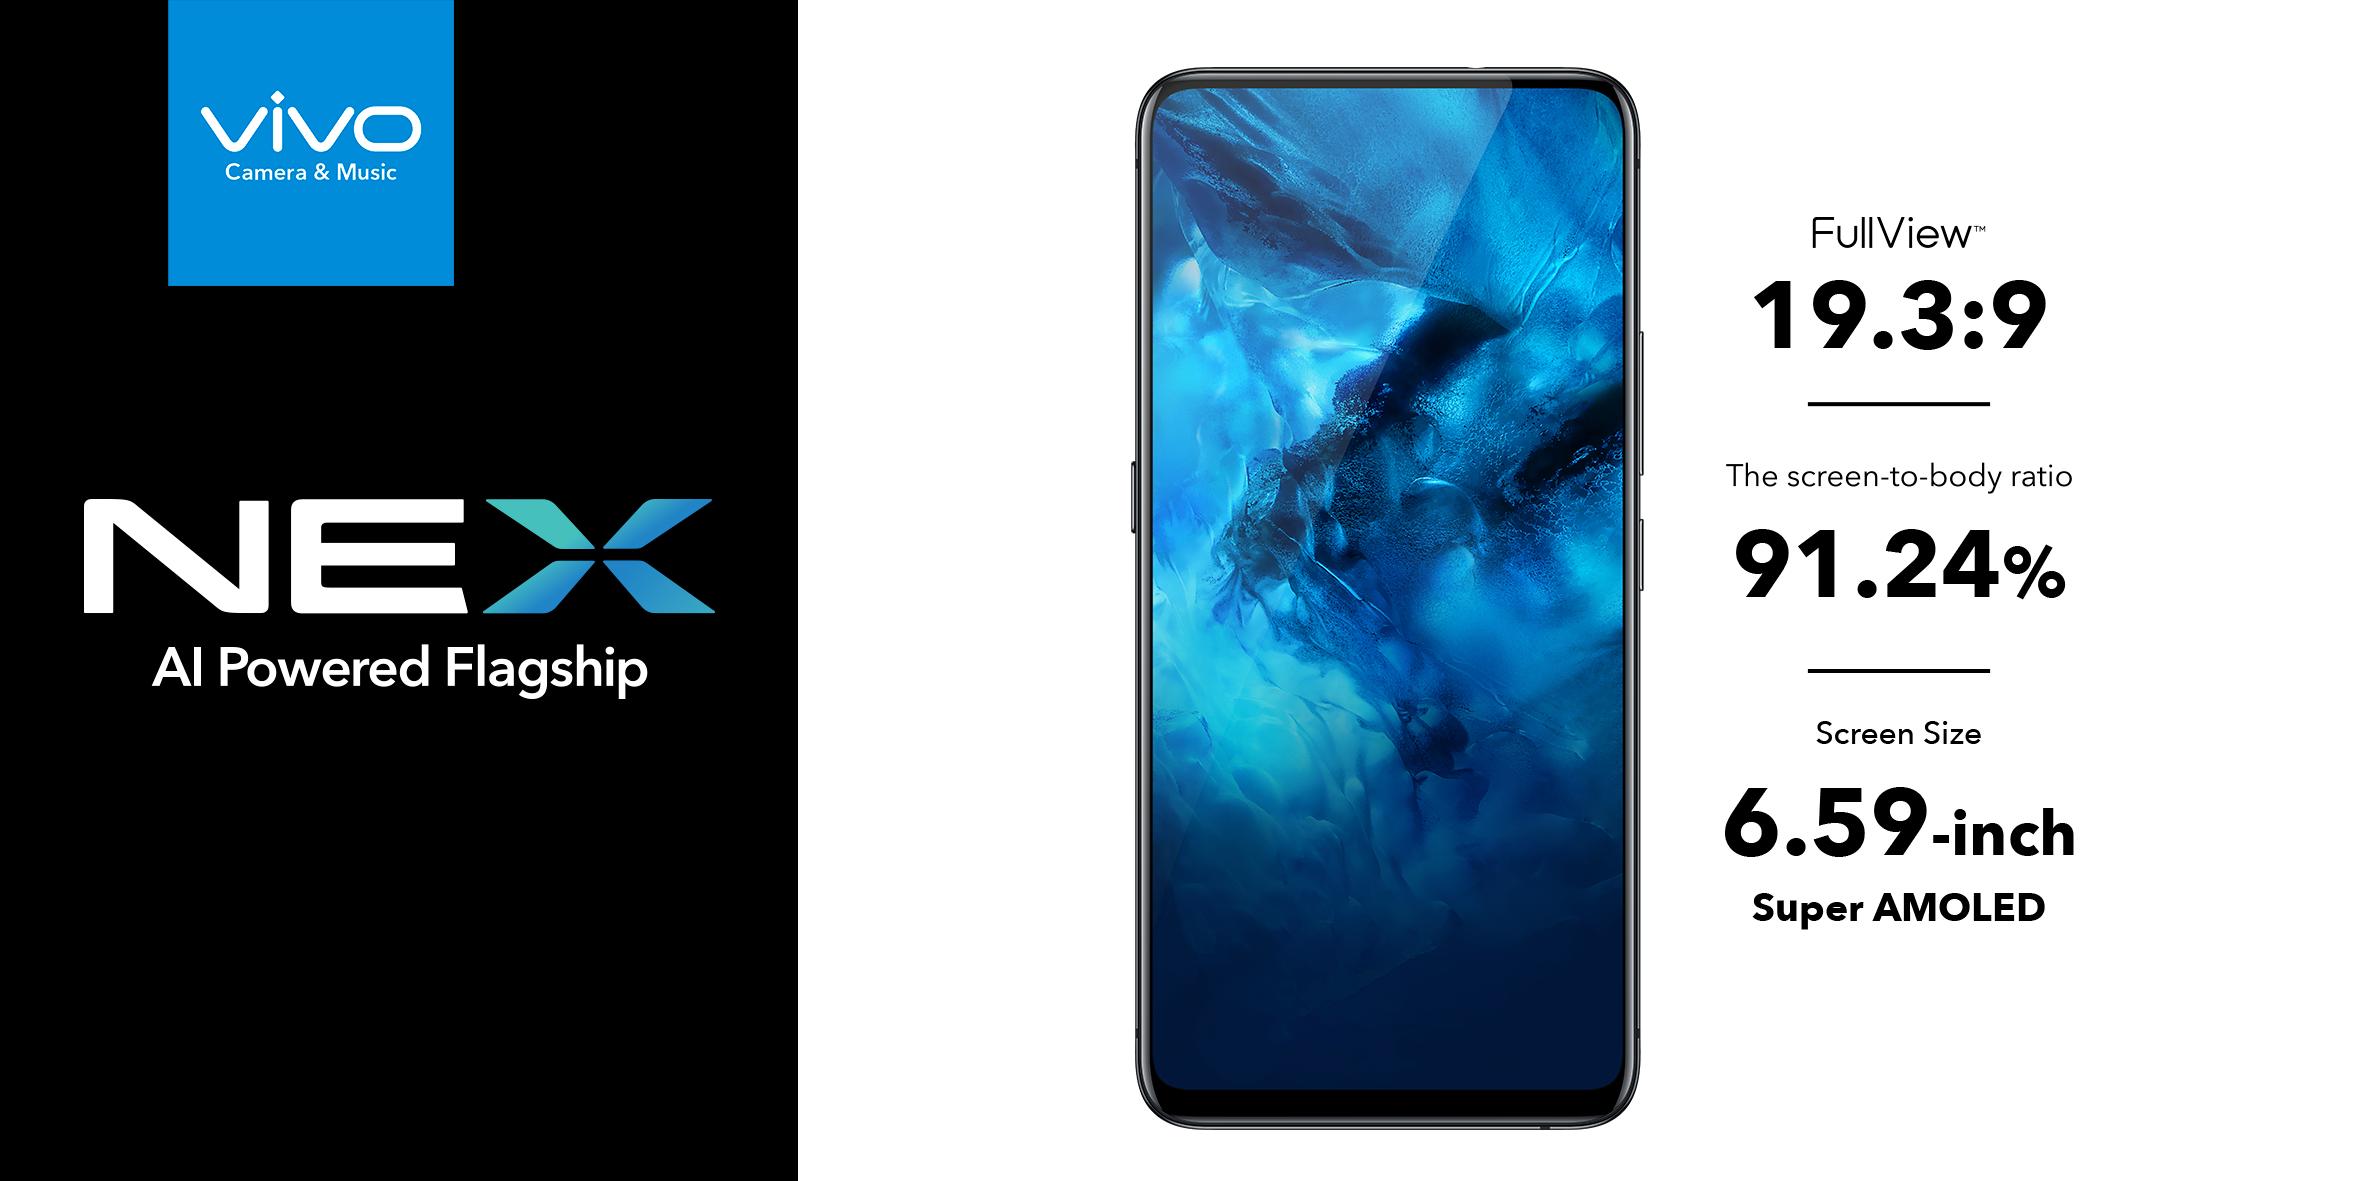 vivo NEX零界全面屏 + 升降式镜头,6.59寸91.24%屏占比,给你绝佳视觉感受!